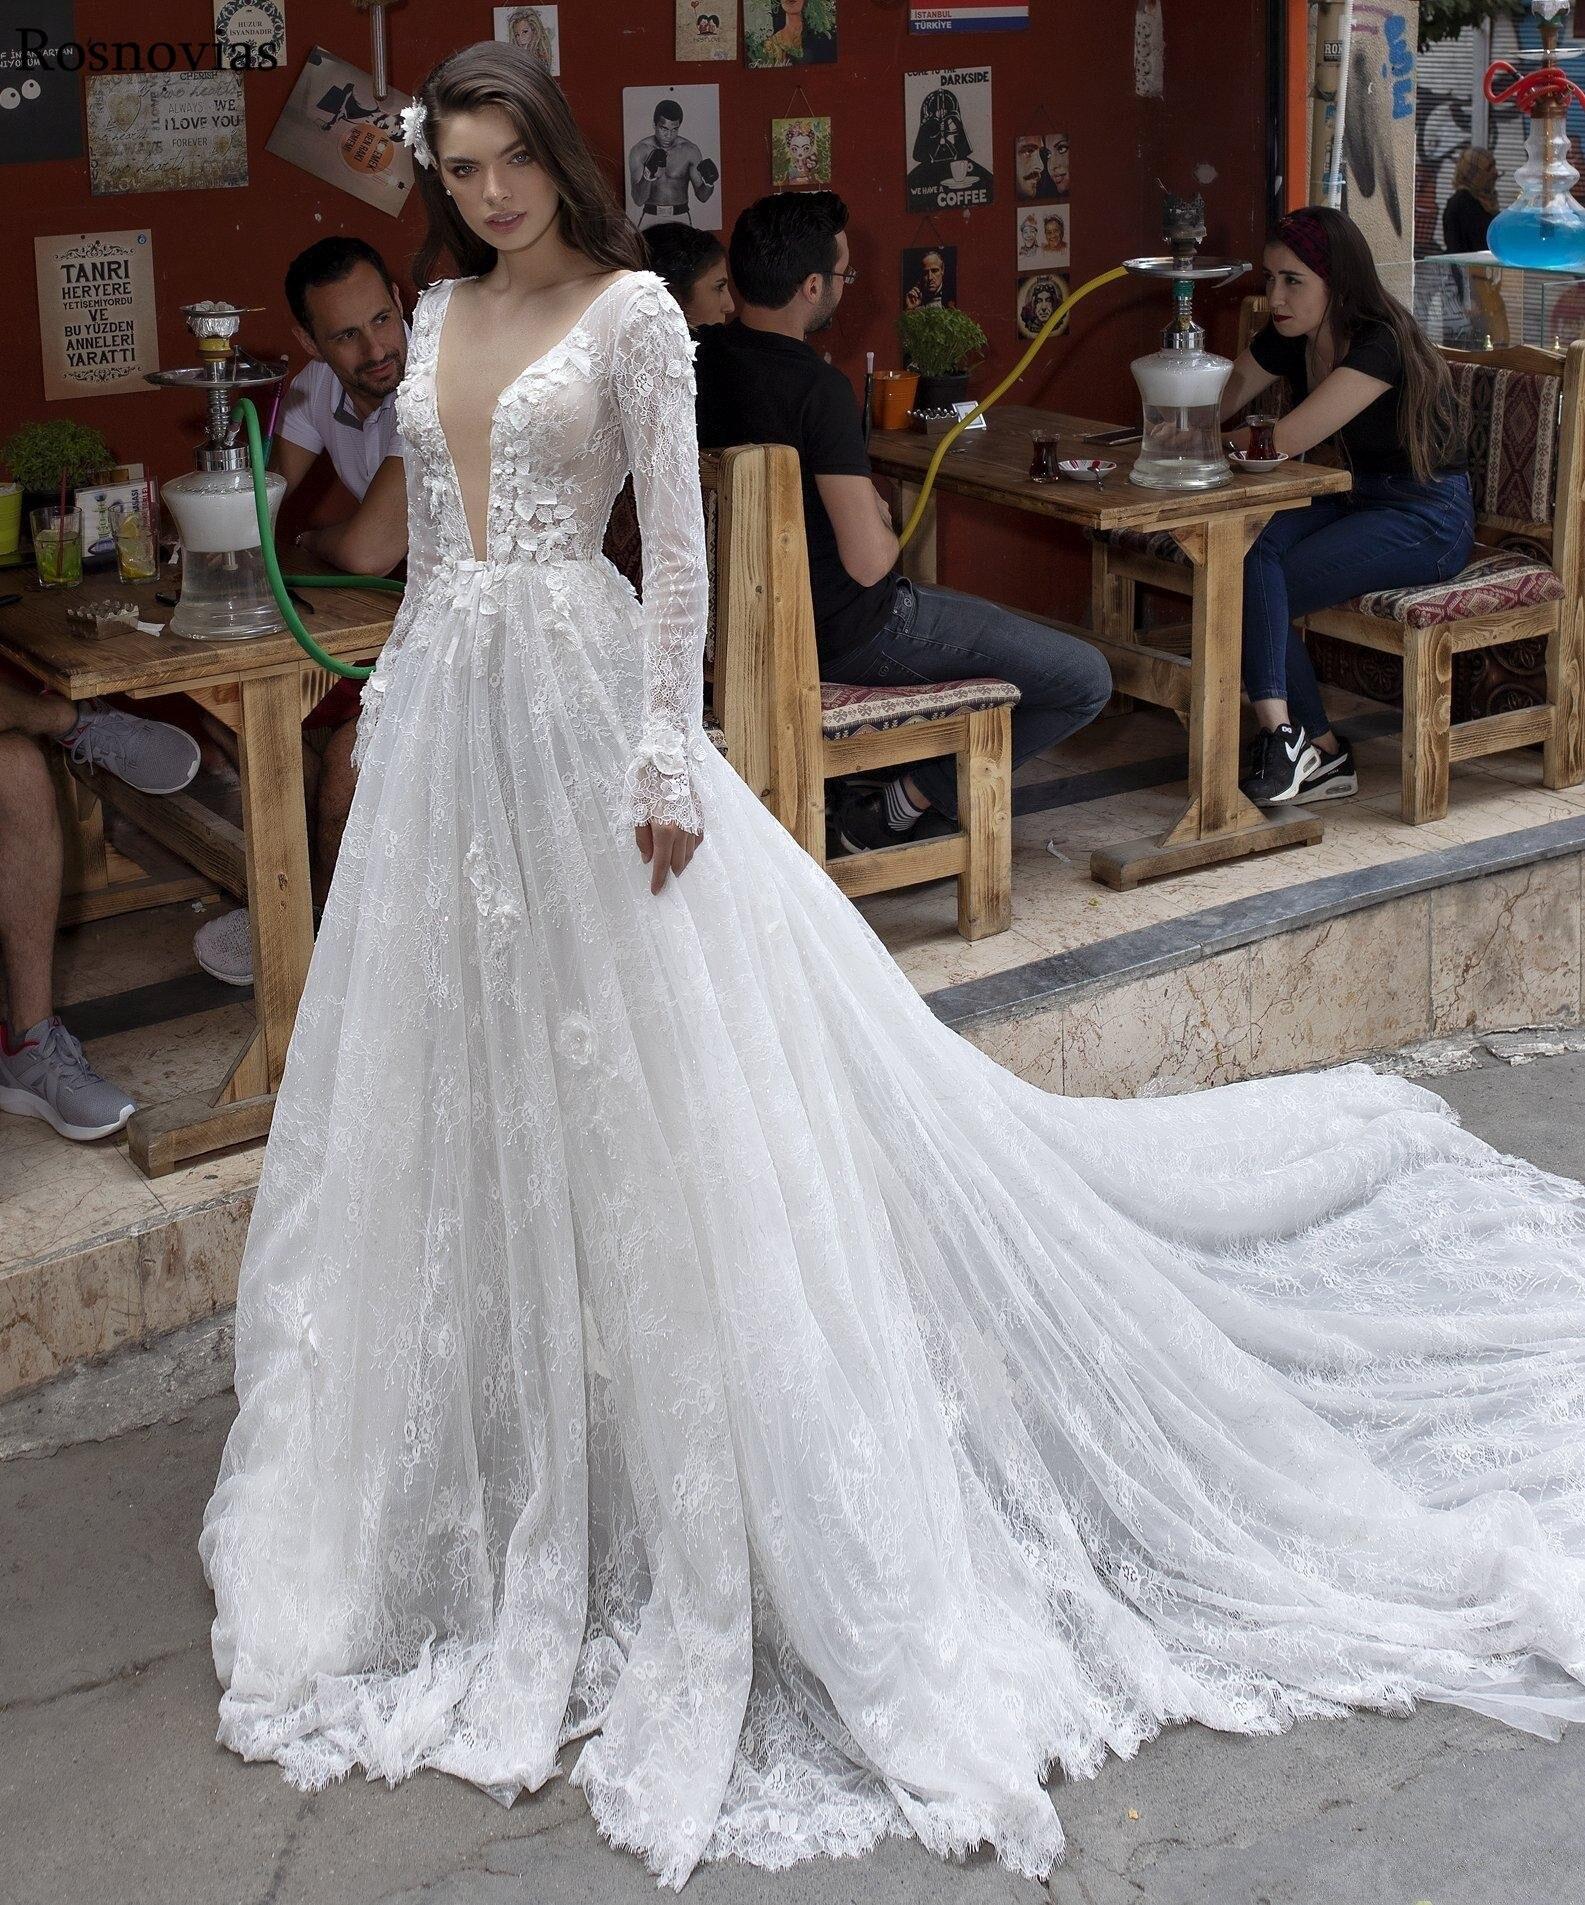 Lace Maniche Lunghe Abiti Da Sposa 2019 Profondo Scollo A V Backless Sweep Treno Perline Modest Vestido Da Sposa Abiti Da Sposa di Lusso Da Sposa Abiti Da Sposa custom